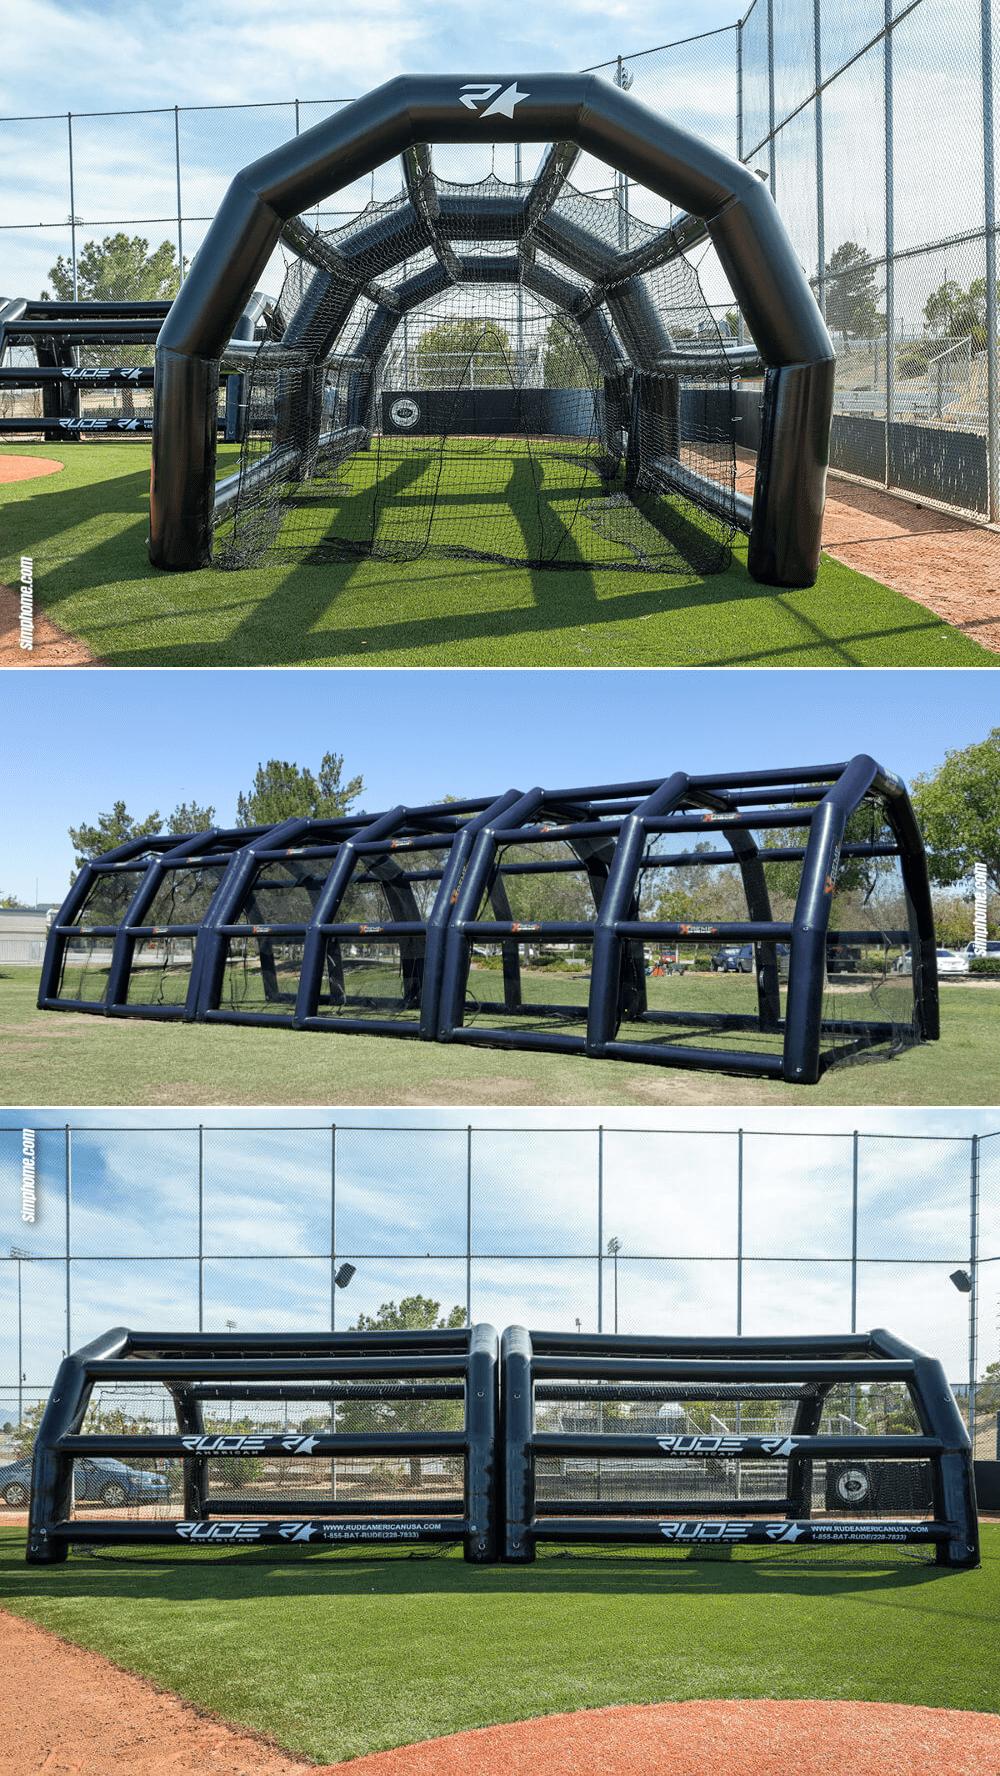 2.Inflatable Batting Cage via Simphome.com